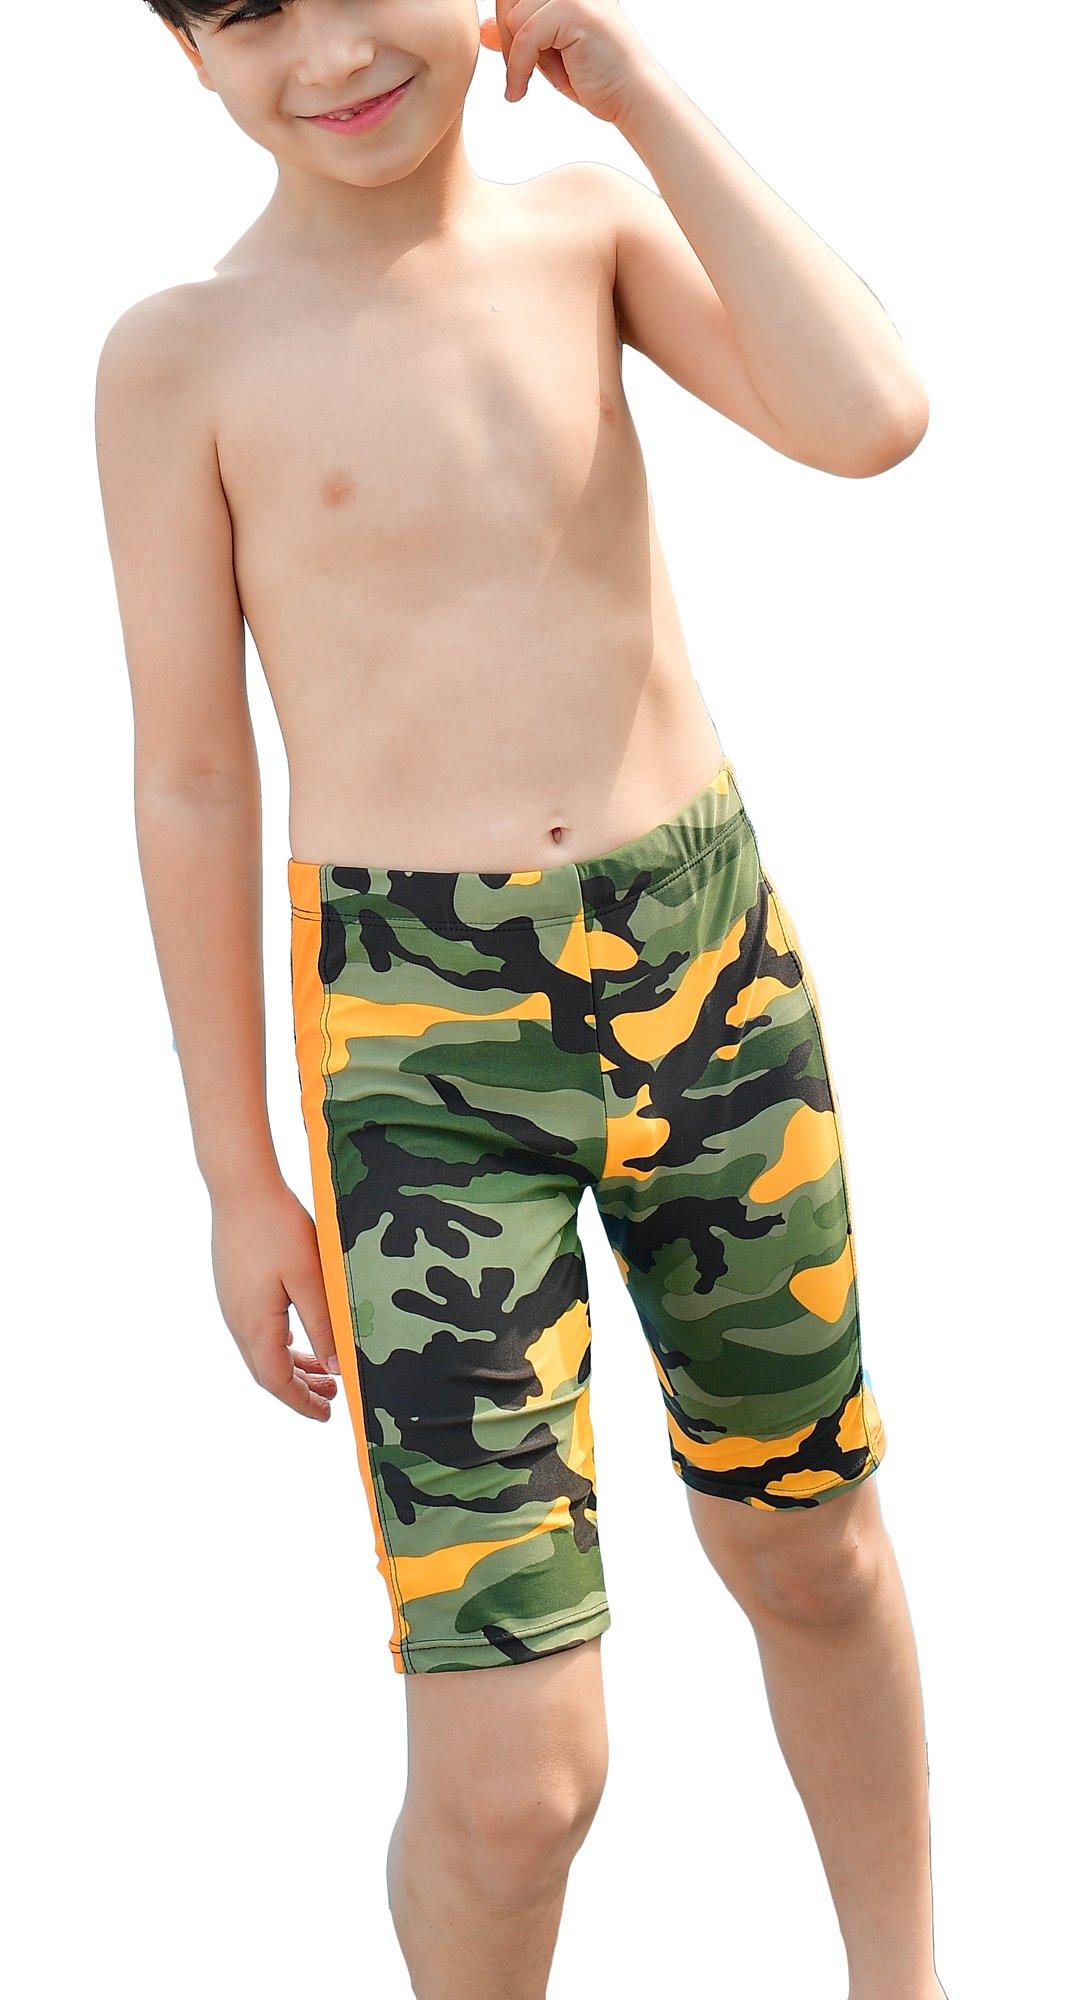 WUAMBO Boy's Kids Camouflage Swim Shorts Orange 8-10 Years (55-66lb)